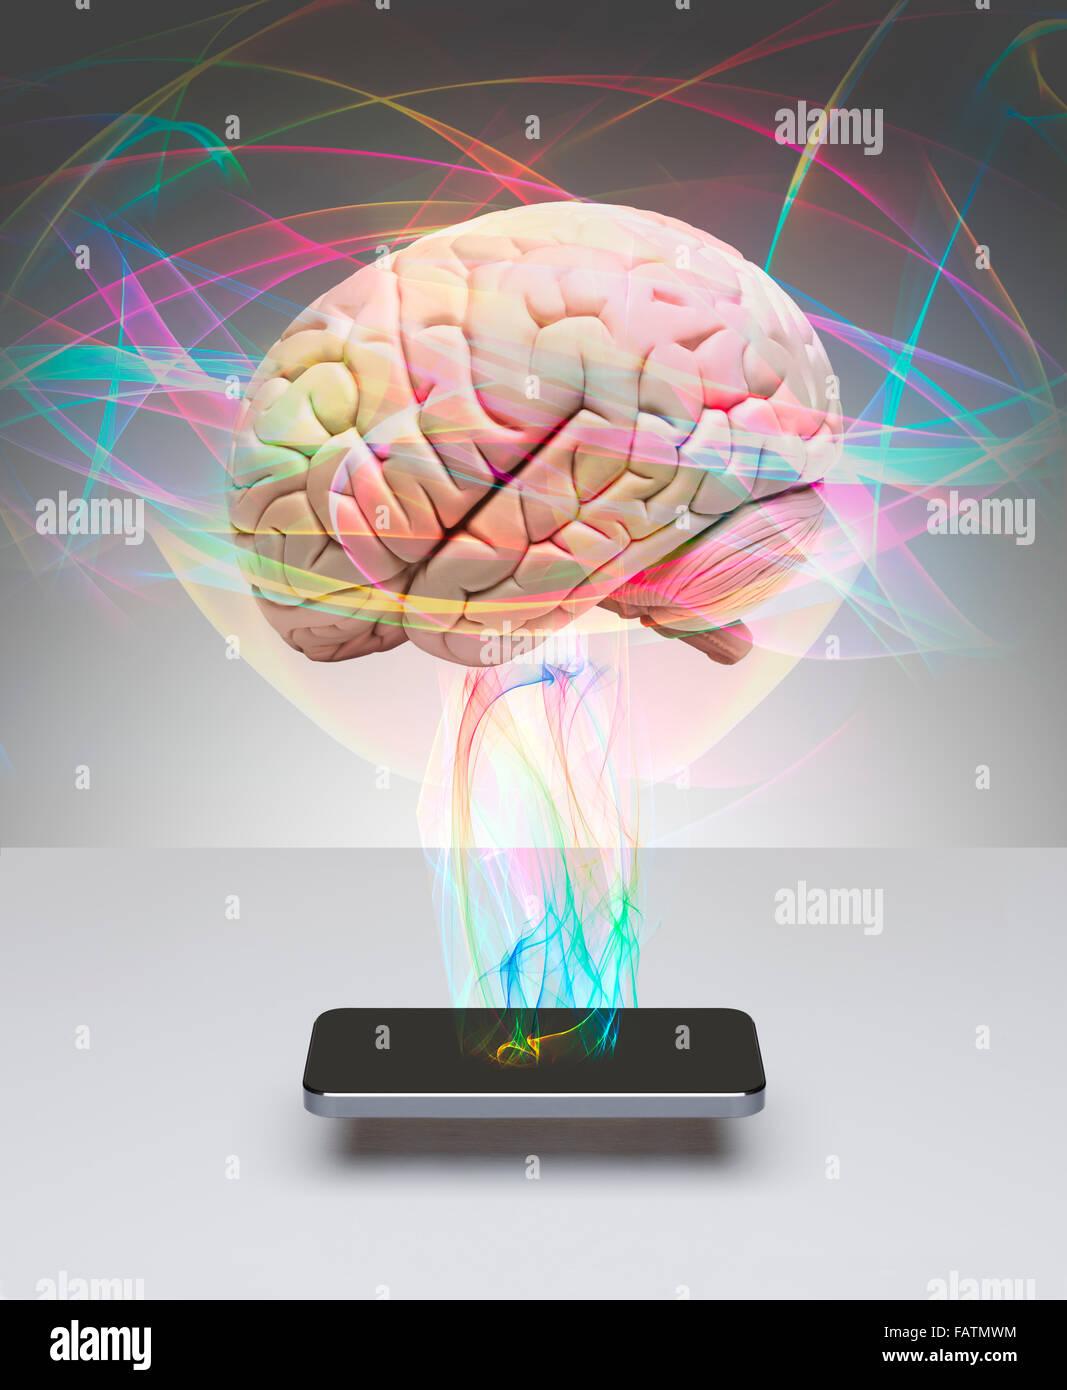 Cerveau humain communiquant avec smart phone Photo Stock